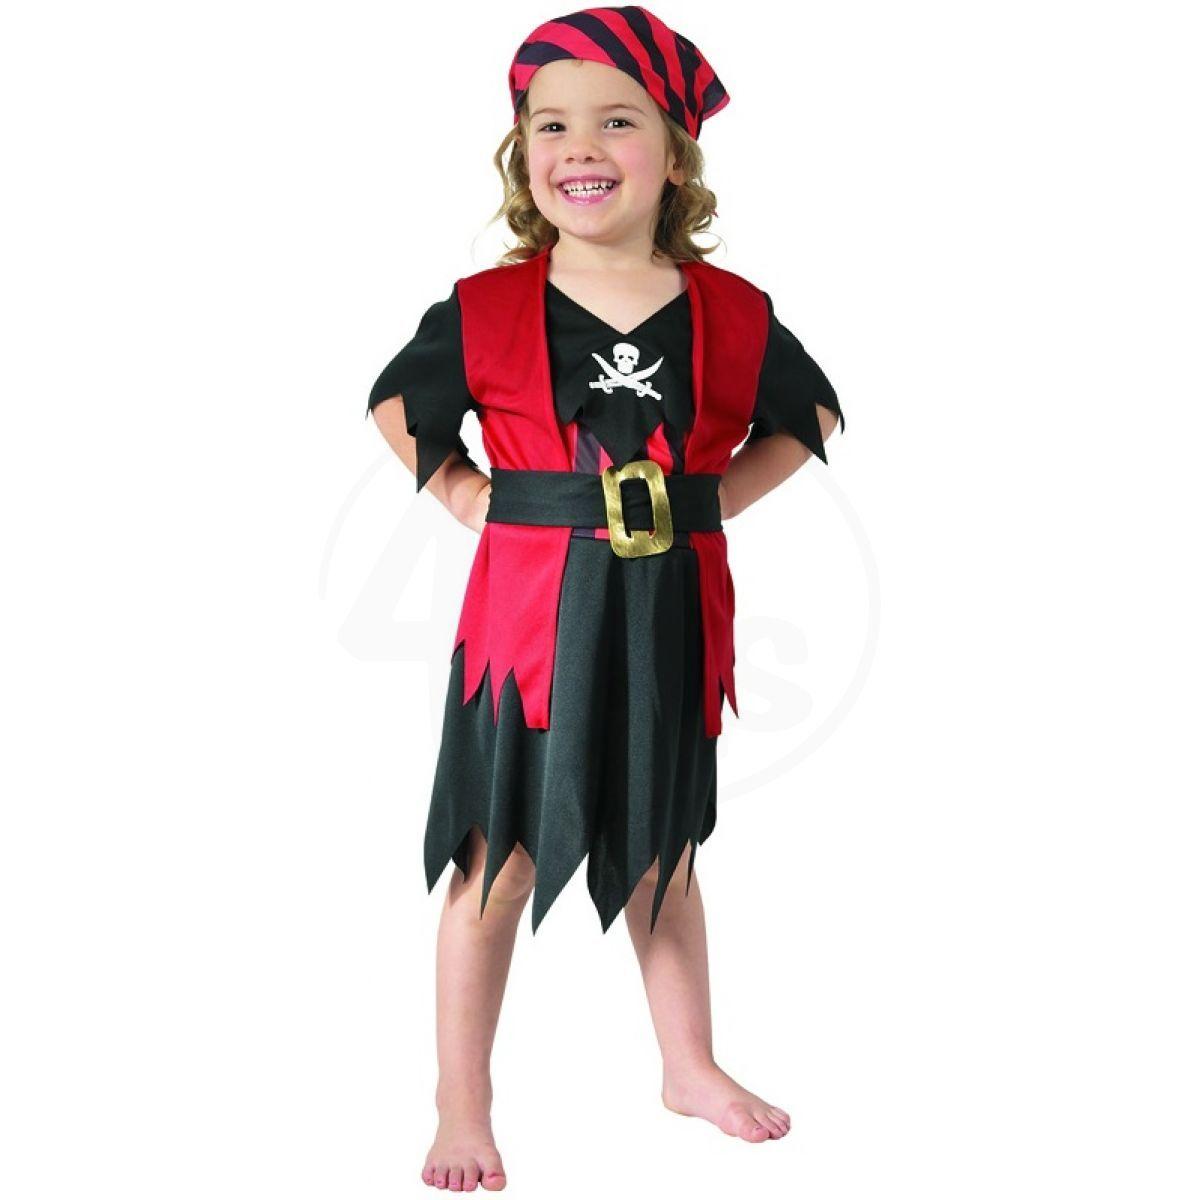 f591a6dd3b5e ... snehurka 3 4 roky •. HM Studio Dětský kostým Pirátka 92 - 104 cm